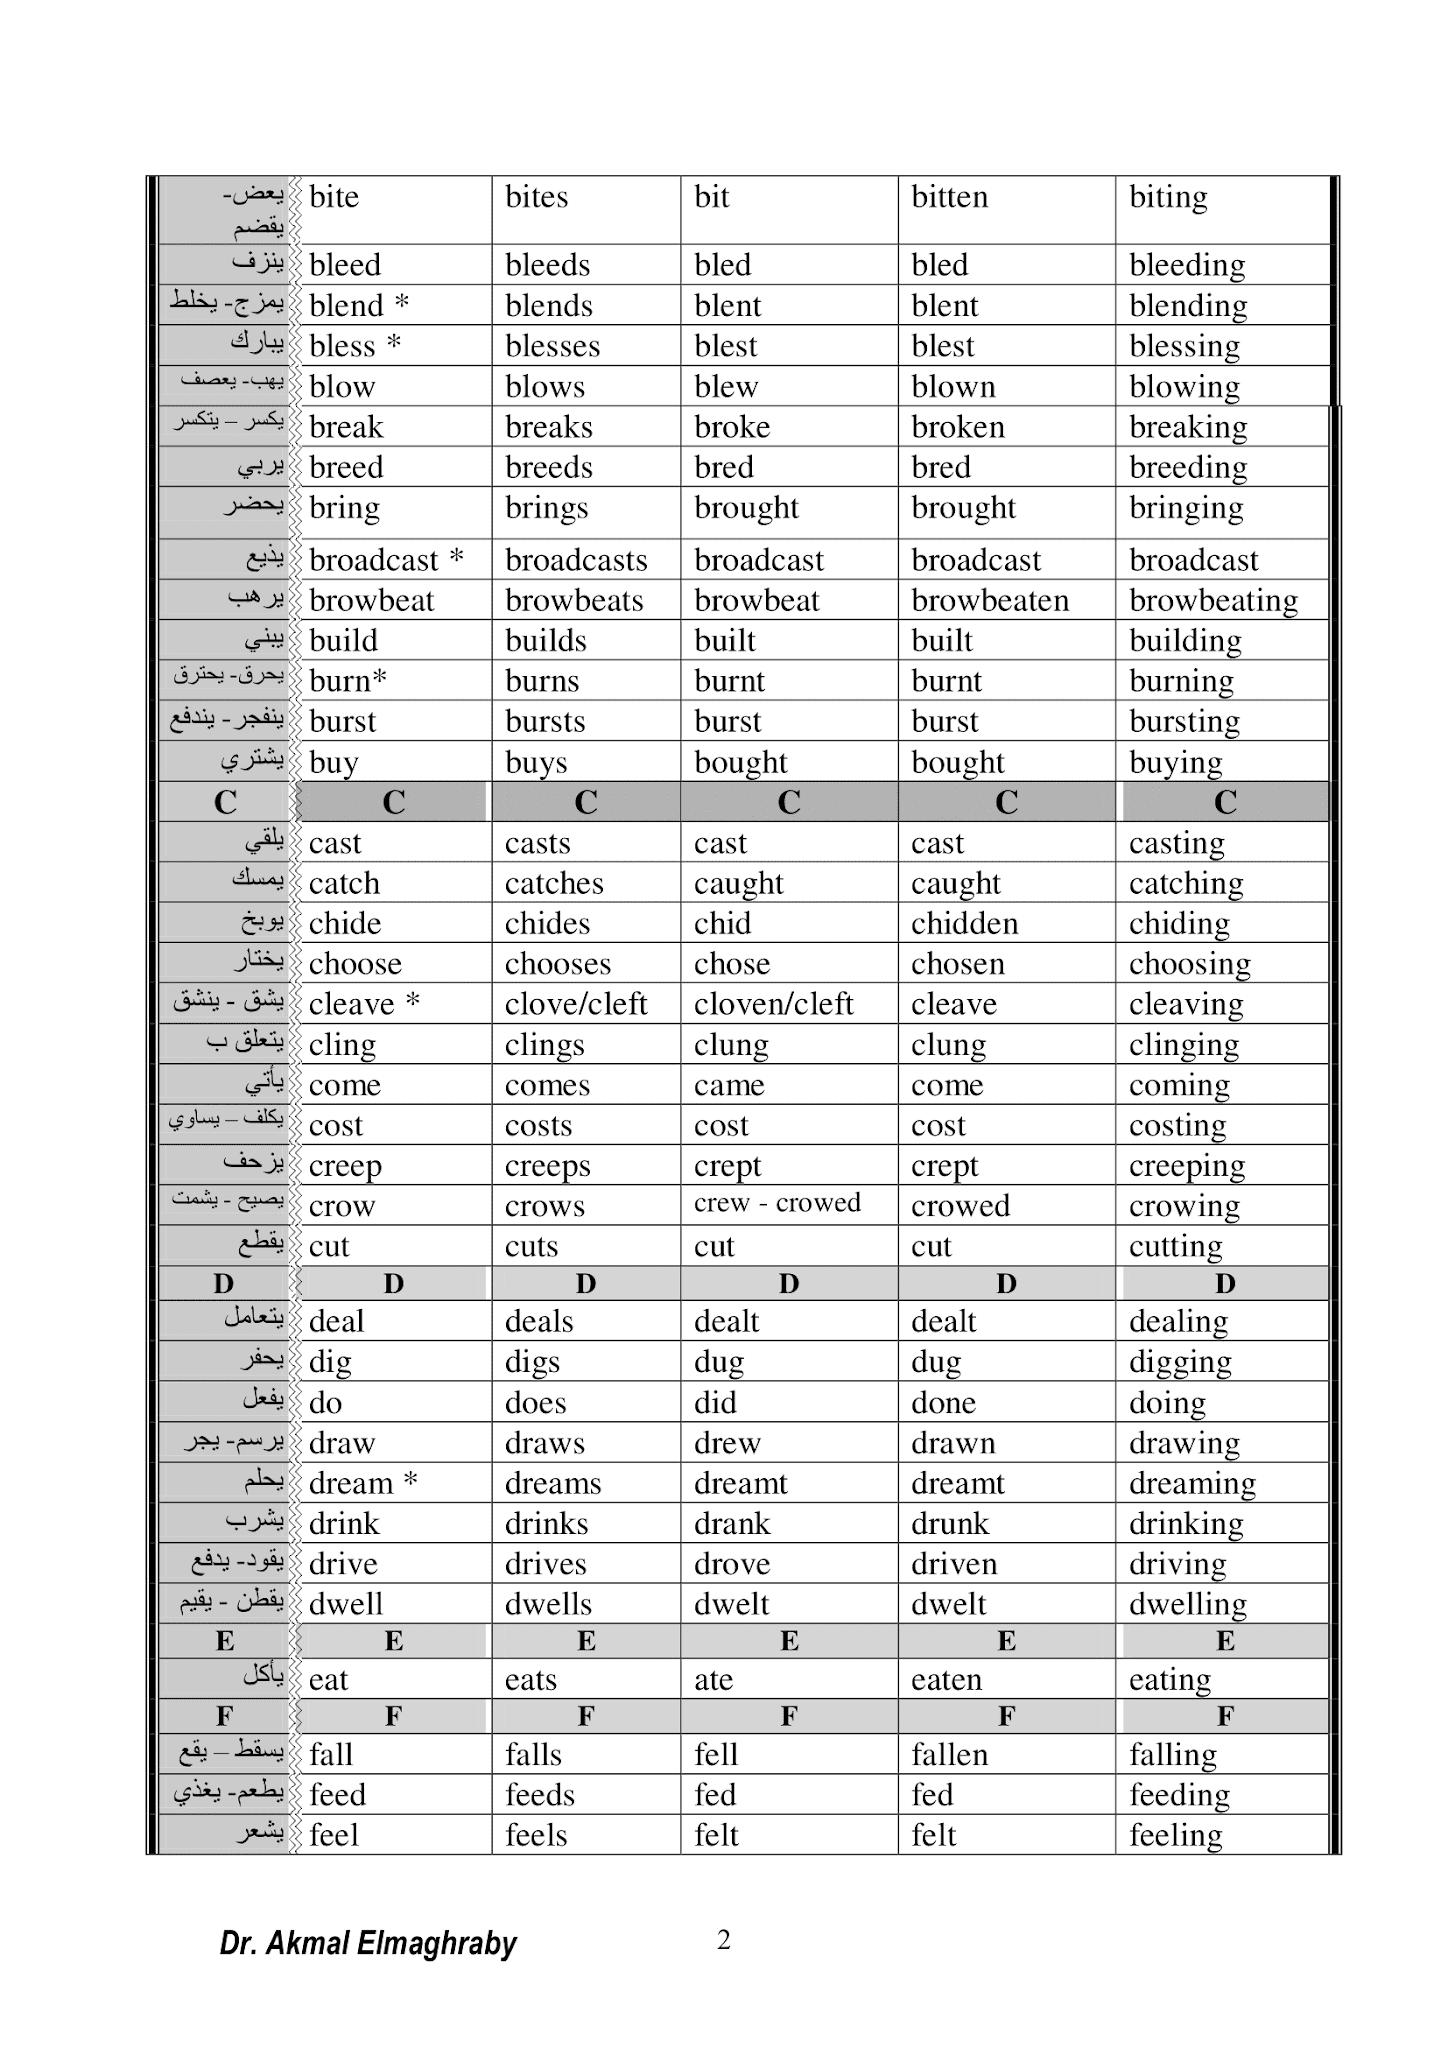 بالصور جدول تصريف الأفعال الشاذة في اللغة الانجيليزية مع الترجمة للعربية